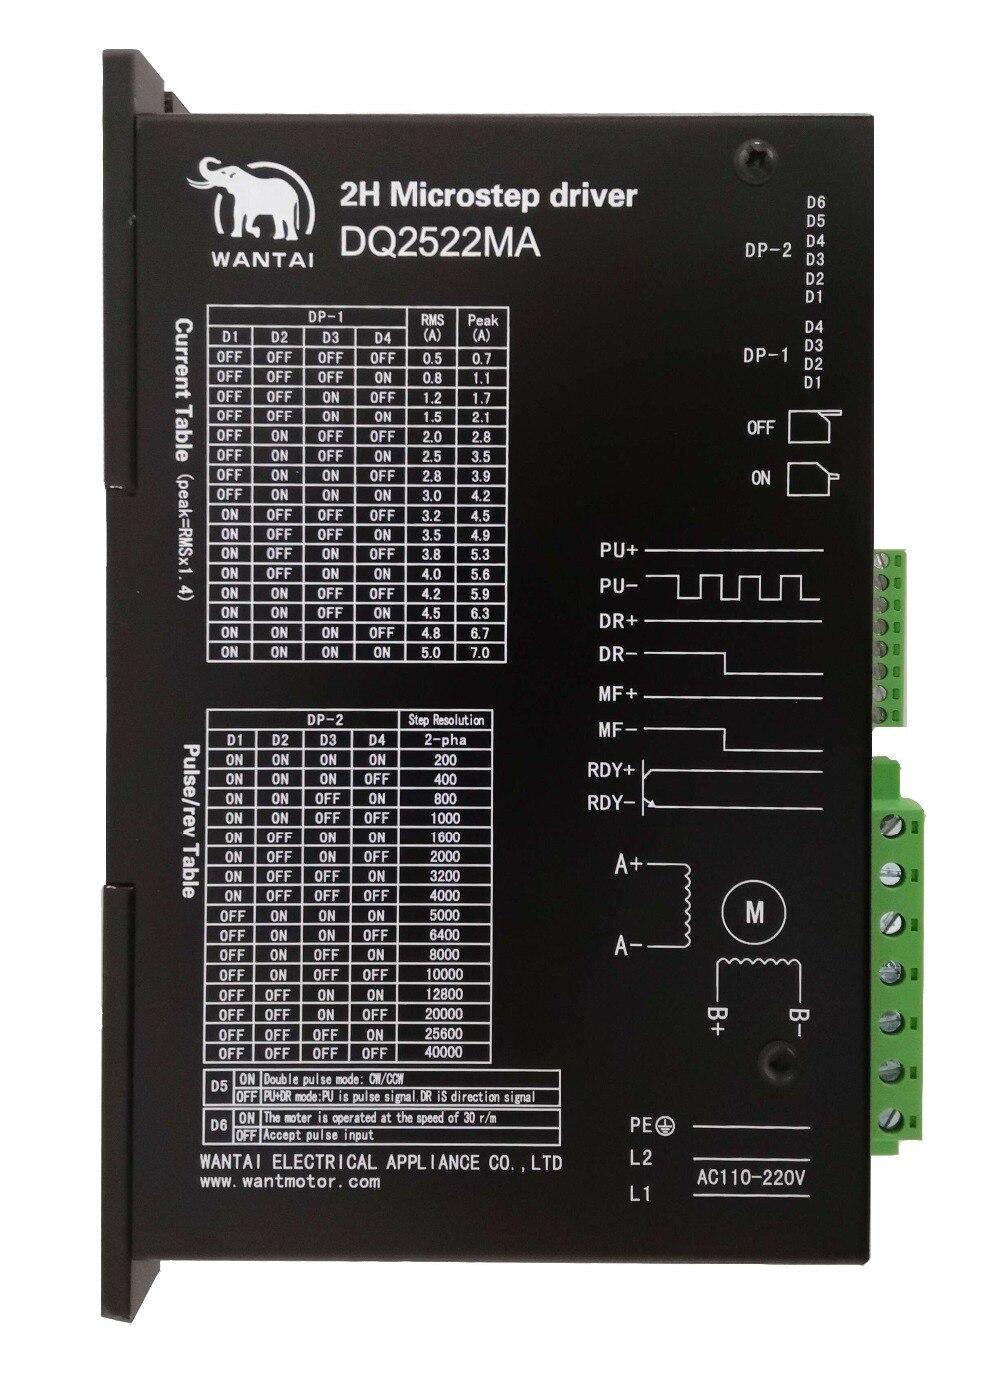 цена на High Quality CNC Stepper Digital Driver DQ2522MA 110-220VAC/ 5.0A/ 200 Microstep Matching Nema 34/42 motor Laser Mill of wantai